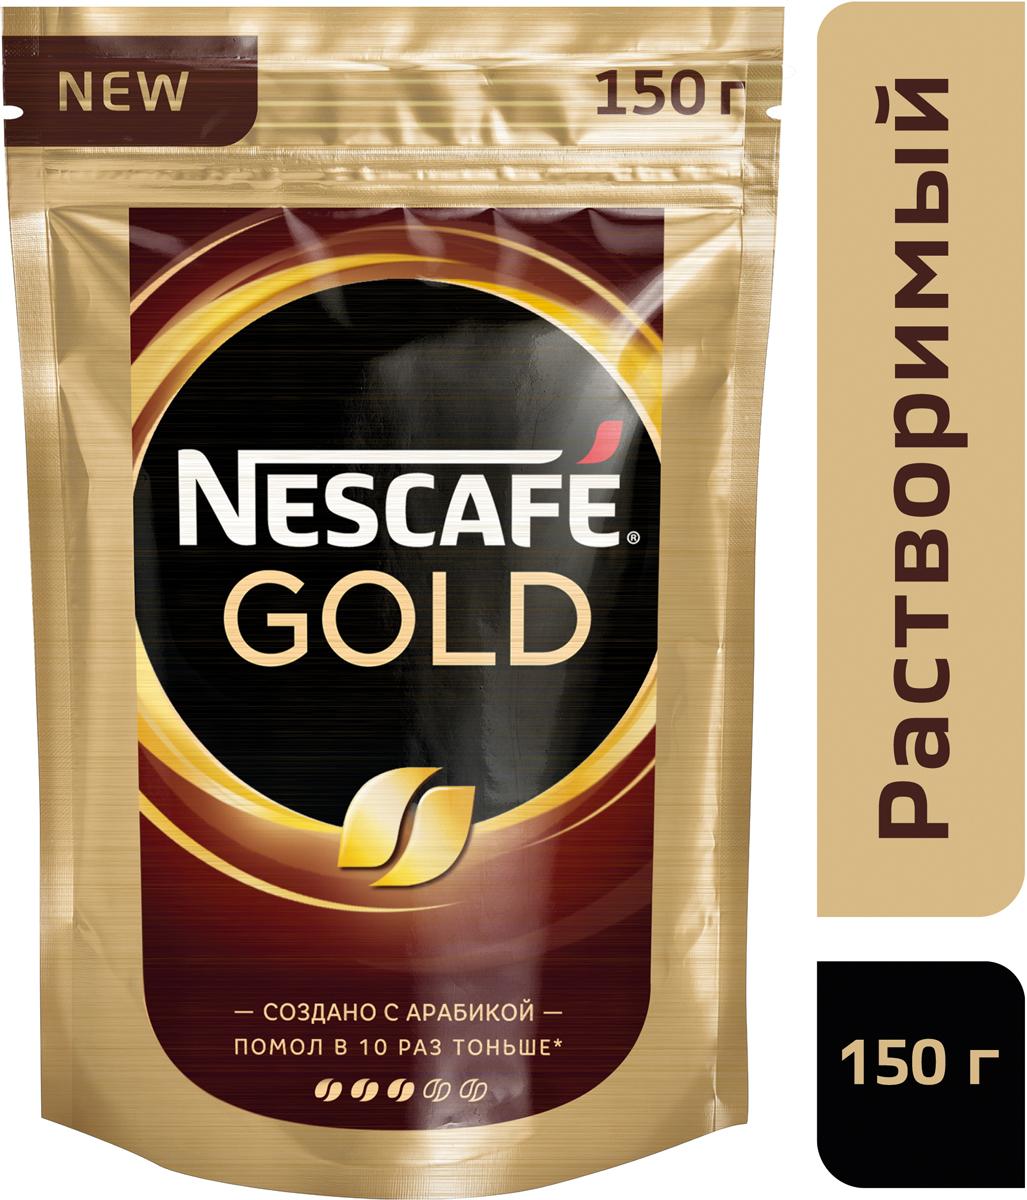 Nescafe Gold Кофе растворимый сублимированный с добавлением натурального жареного молотого кофе, 150 г nescafe кофе nescafe gold растворимый 150г